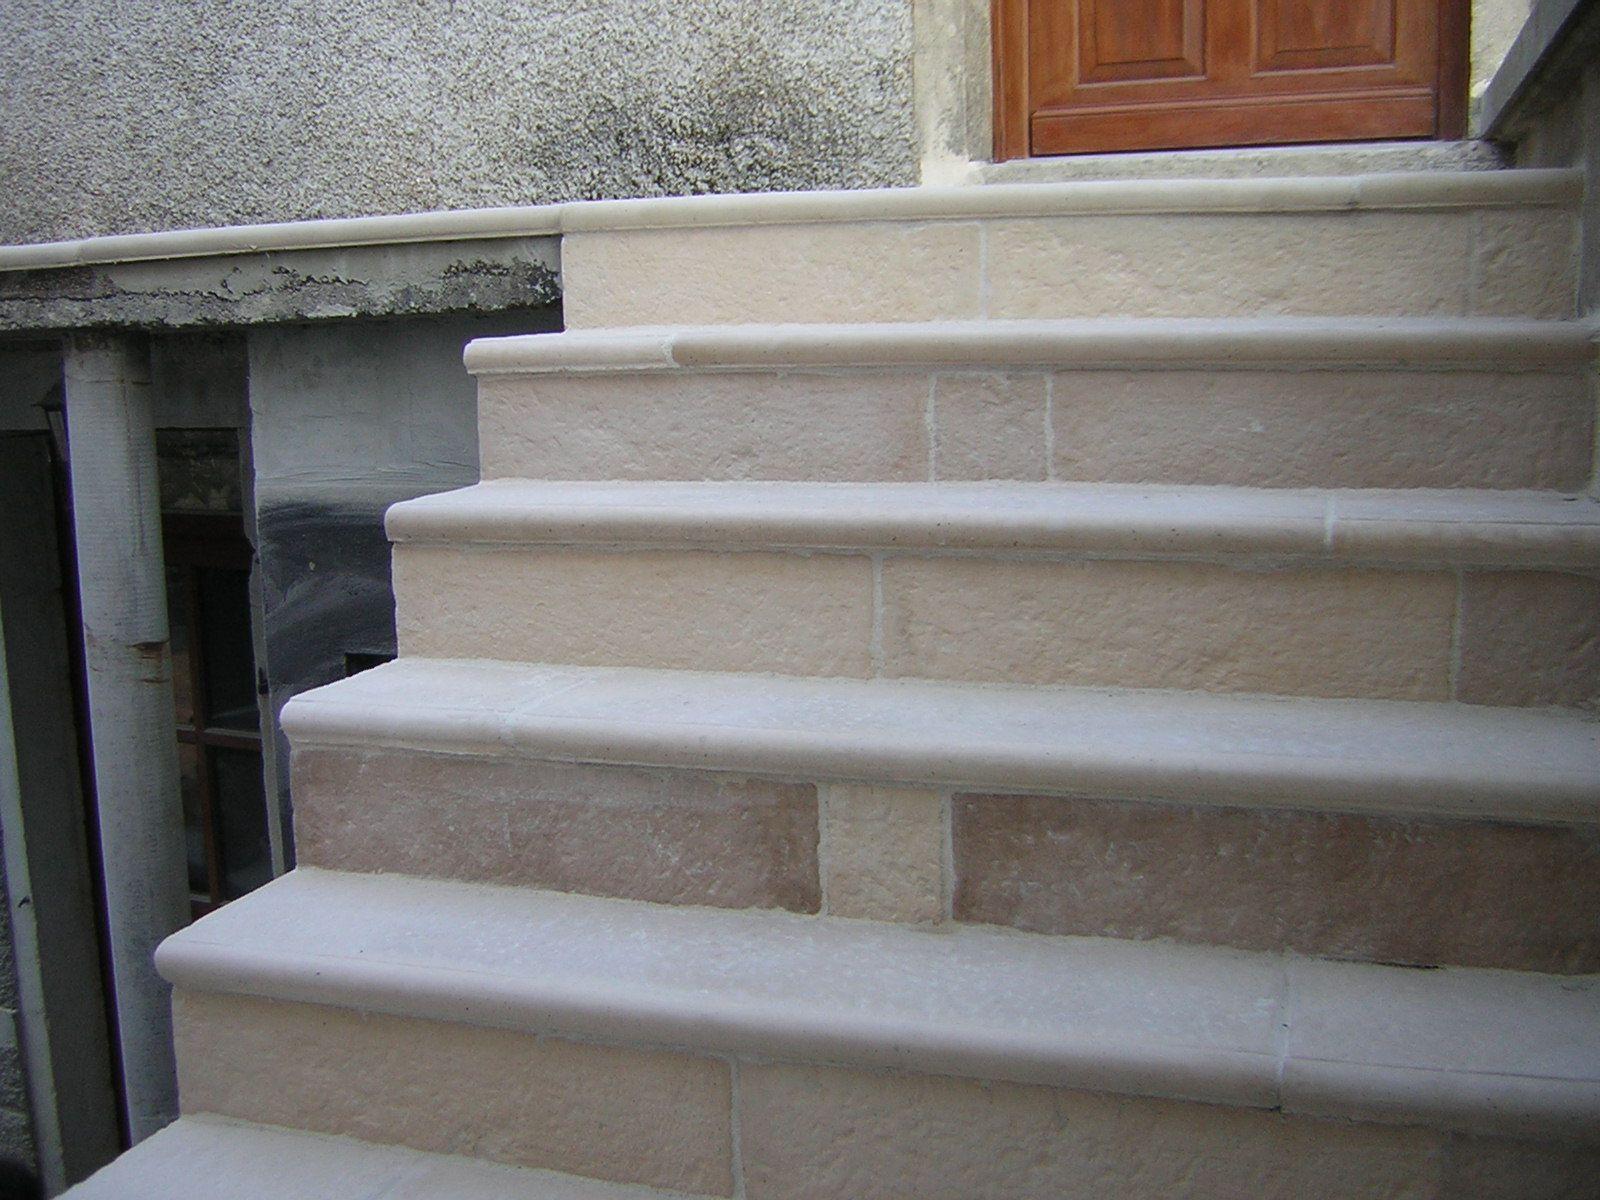 Epingle Sur Habillage Escalier Altar Marches Et Contremarches